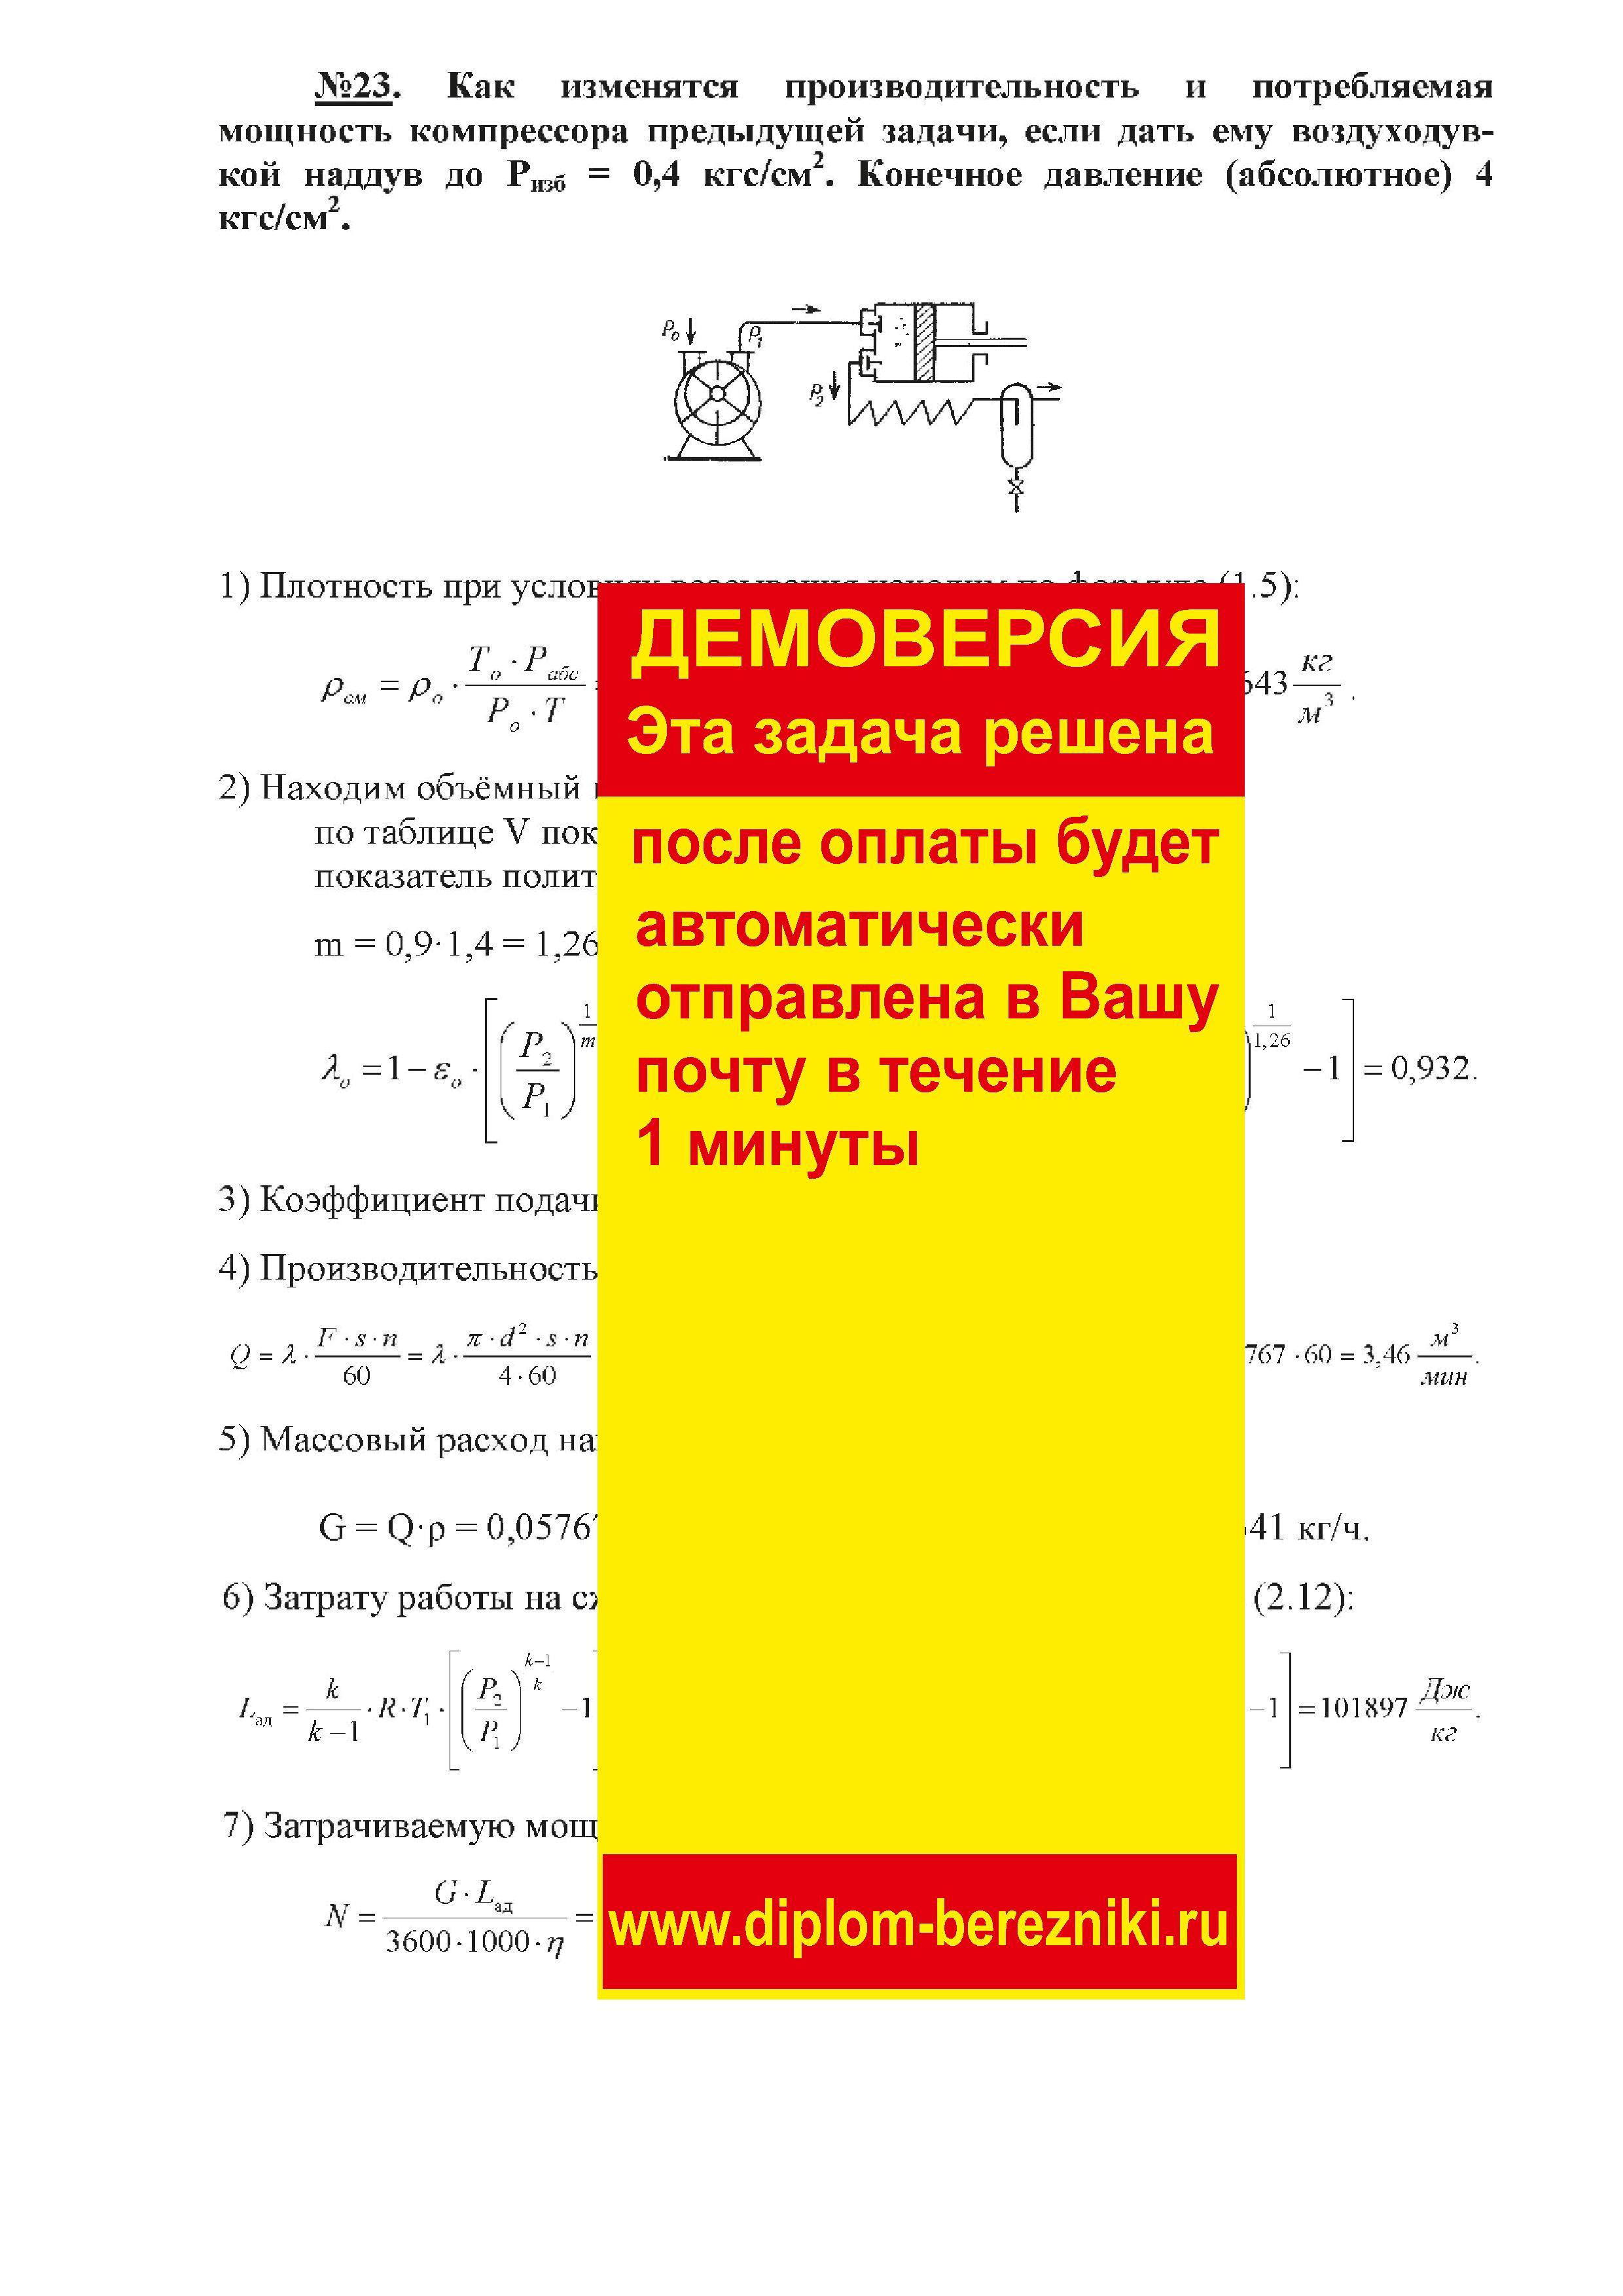 Решение задачи 2.23 по ПАХТ из задачника Павлова Романкова Носкова